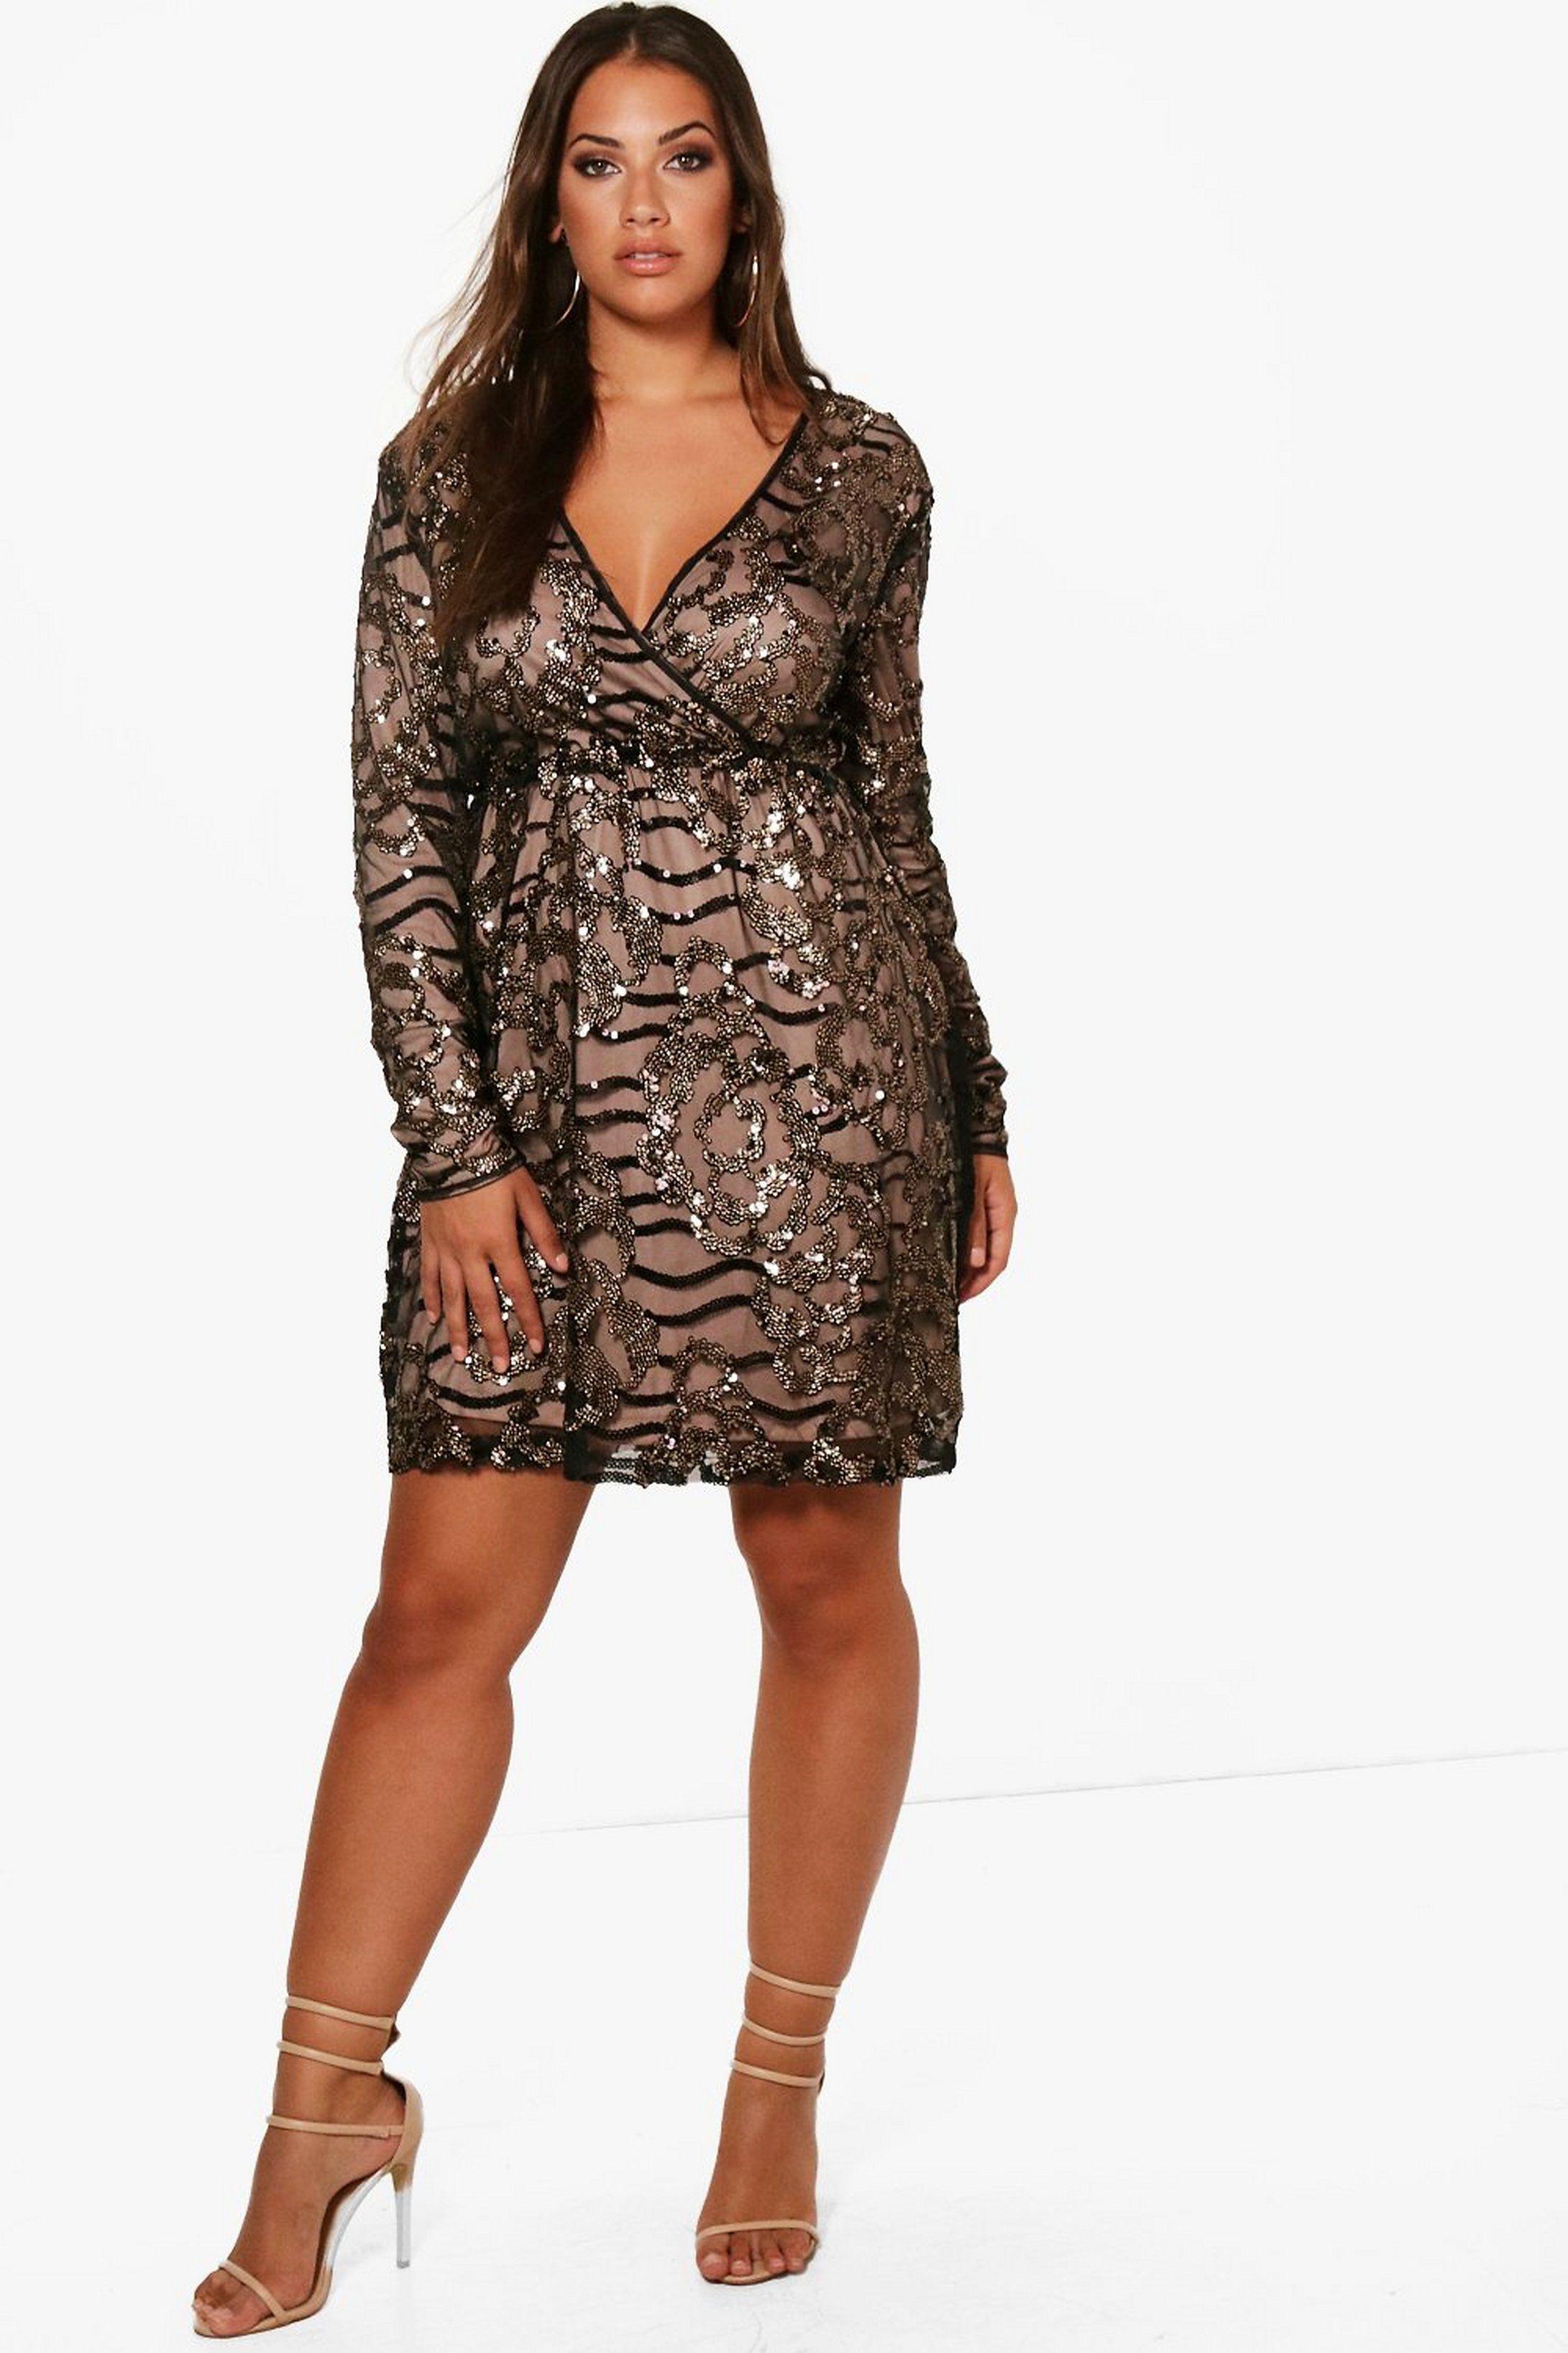 Plus Size Casual Dresses Ideas Of Plus Size Casual Dresses Plussizecasualdress In 2020 Plus Size Christmas Dresses Women Dresses Classy Plus Size Cocktail Dresses